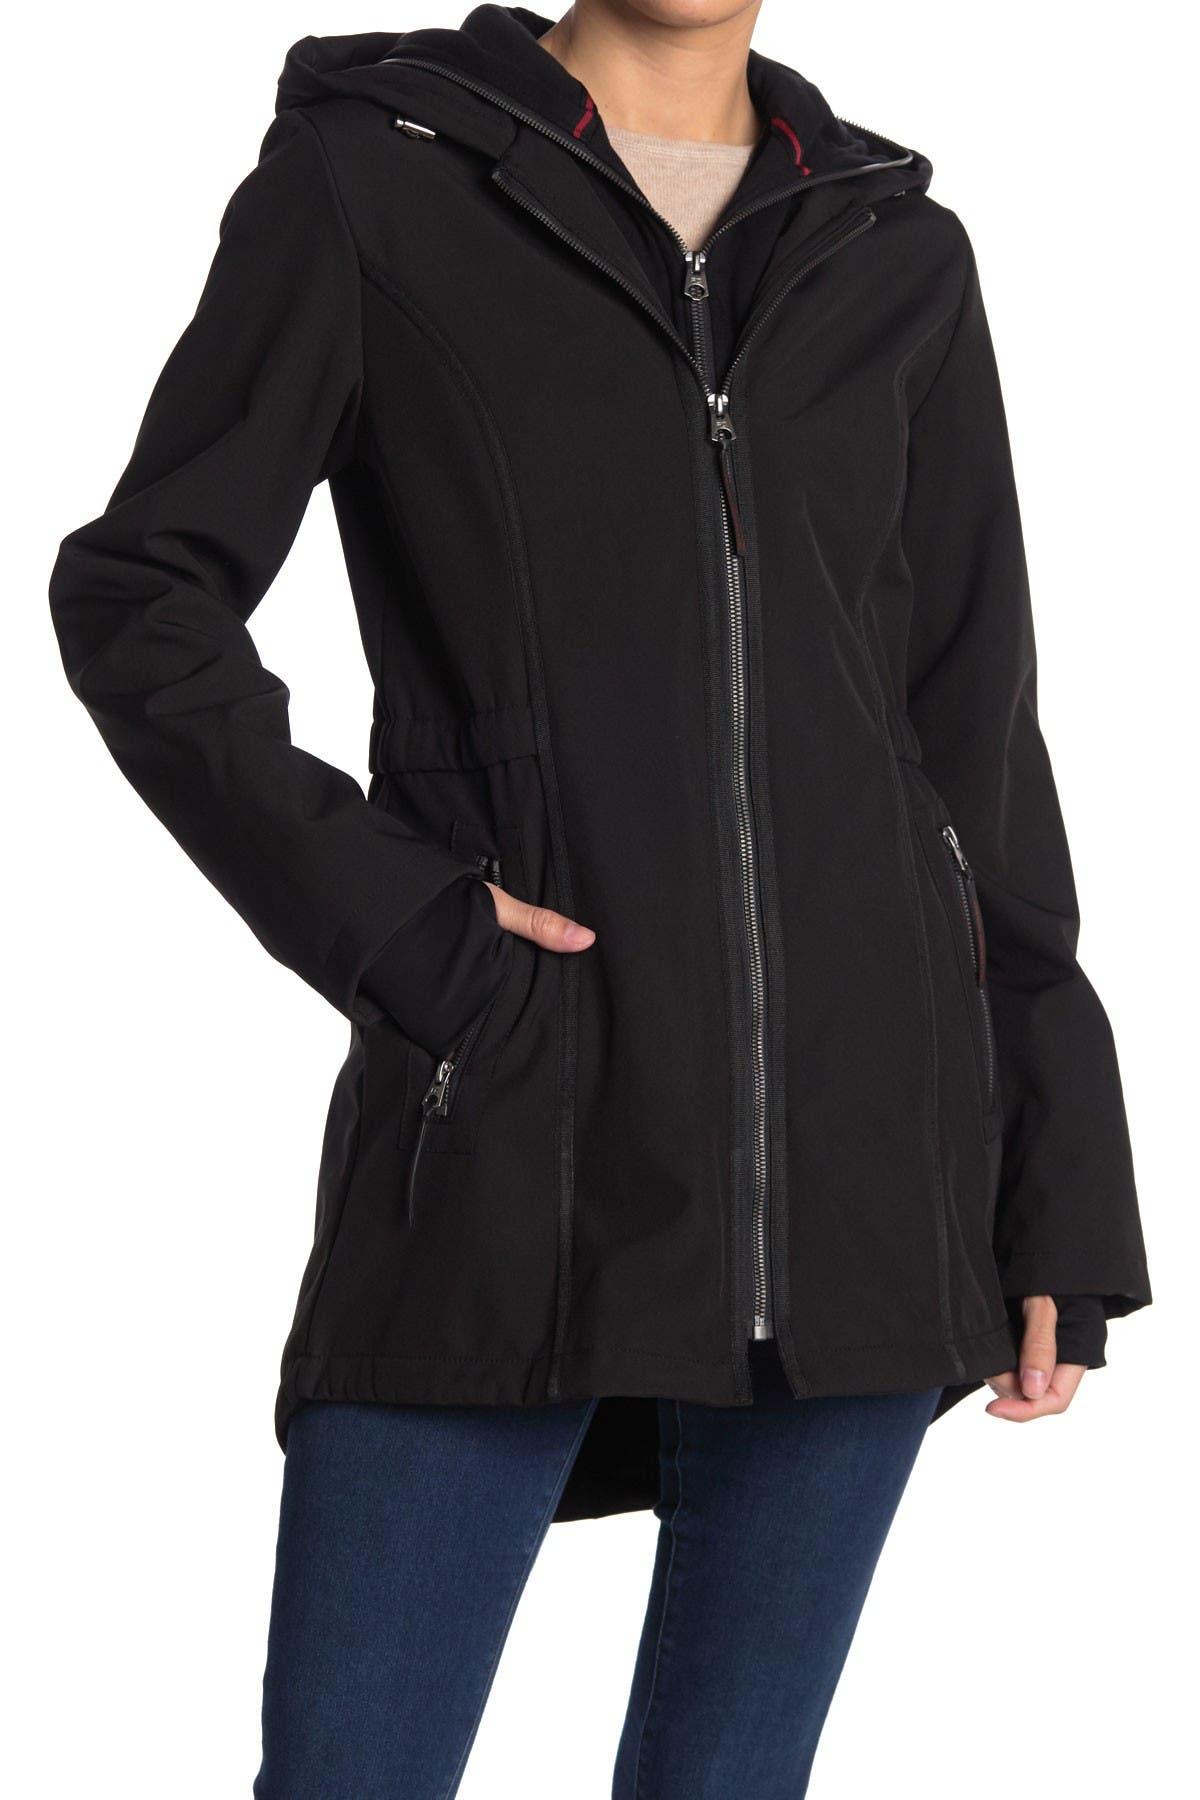 Image of French Connection Softshell Sweatshirt Bib Jacket